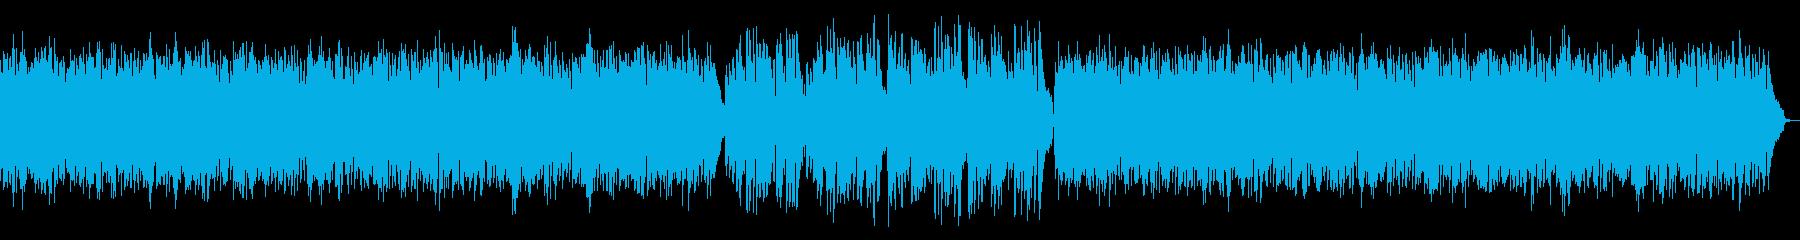 軽快で優美なチェンバロ バロック・高音質の再生済みの波形